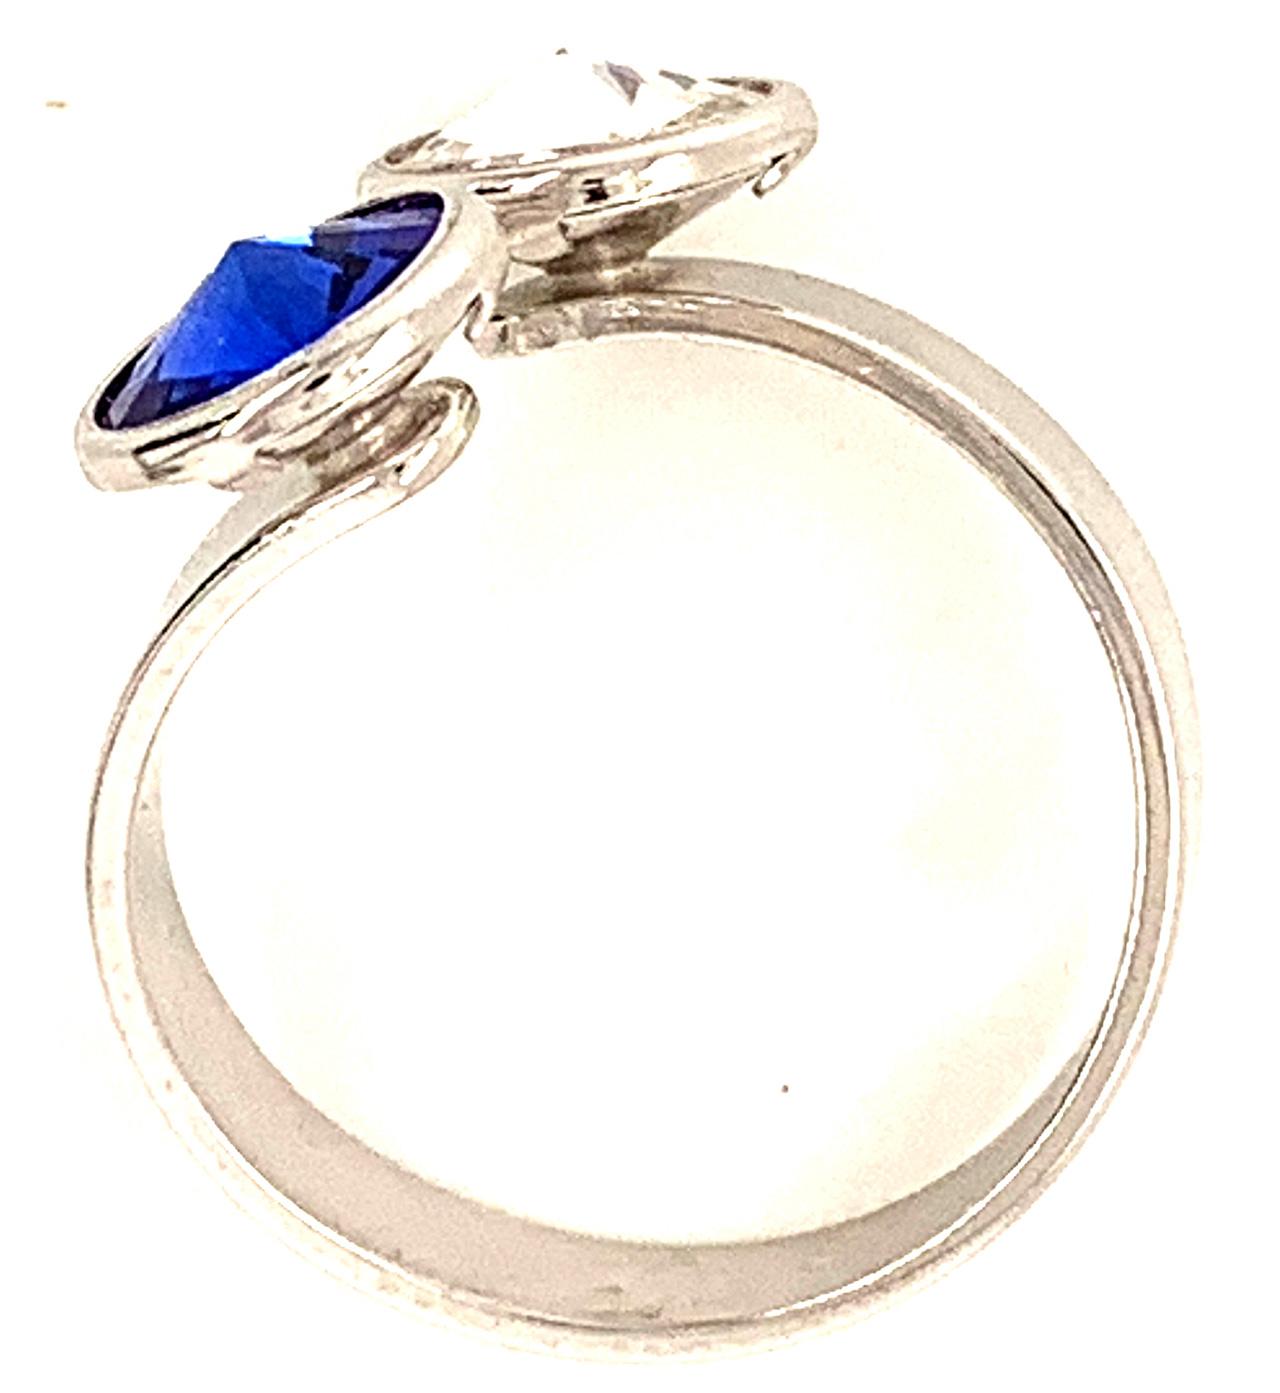 Silber Ring mit 2 Swarovski Crystal 1*Majestic Blue Blau 1*Crystal Clear 925 Silberfassung größe änderbar gesamt ca. 3,4 Gramm 17 ct handgearbeitet, rhodiniert, handgemacht in Italien AT0578MBC